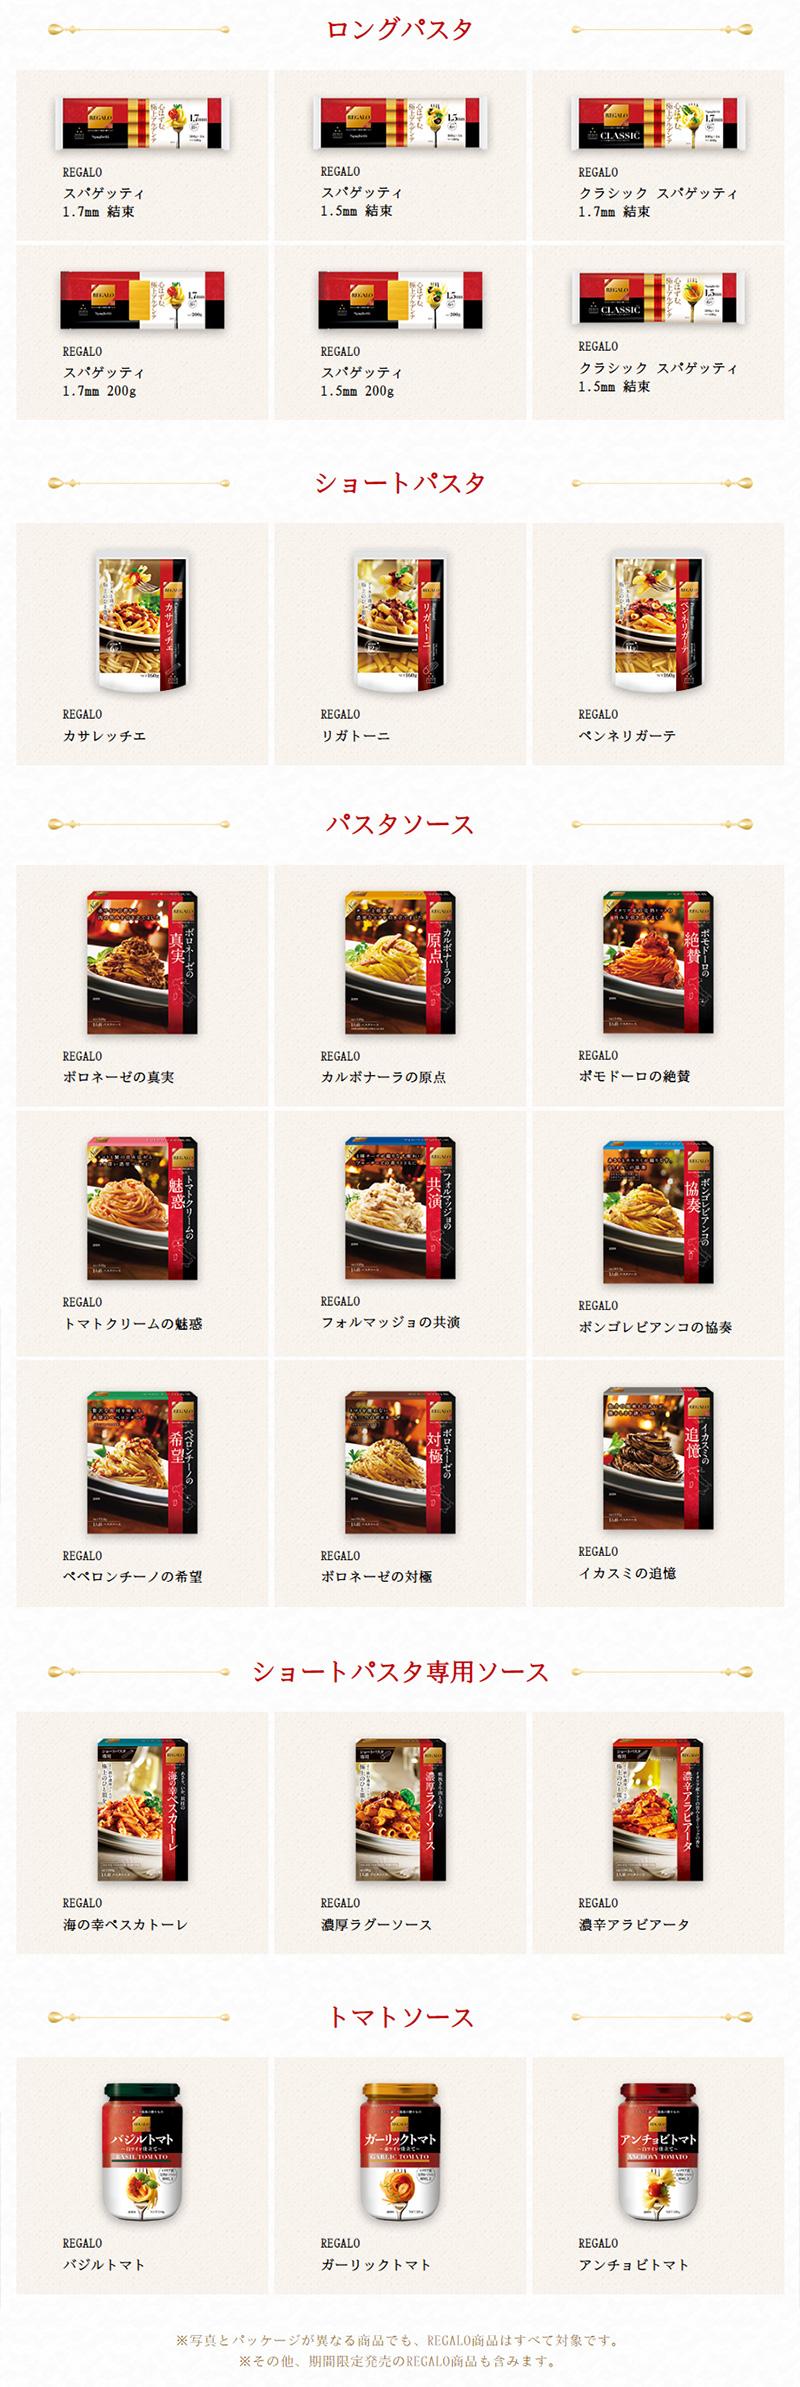 レガーロ REGALO 宝塚歌劇懸賞キャンペーン2019 対象商品